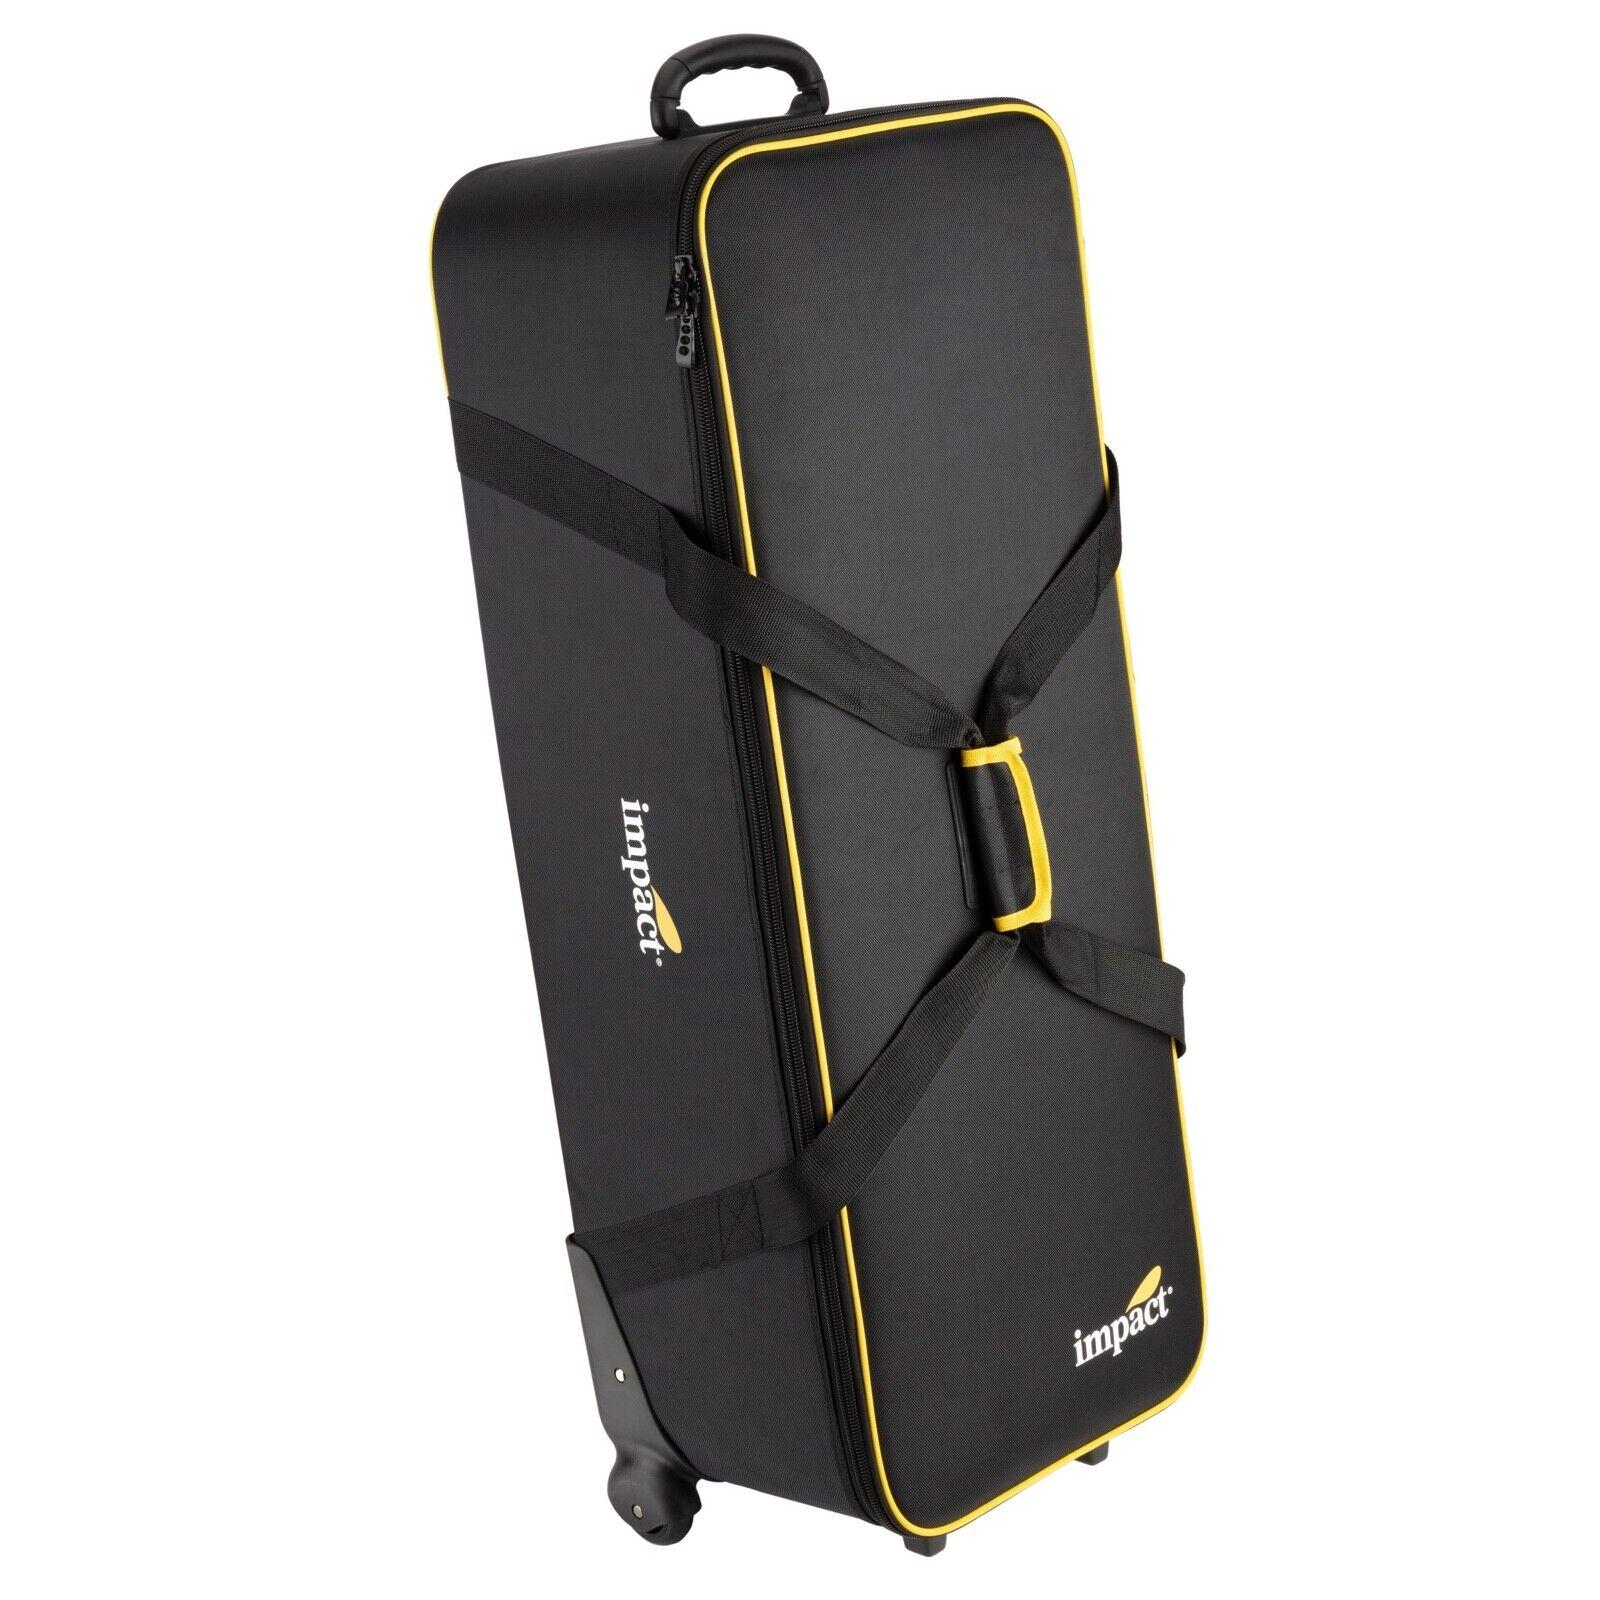 NEW Impact Light Kit Roller Bag Medium - LKB-R2-V2 - Adjustable - $50.00